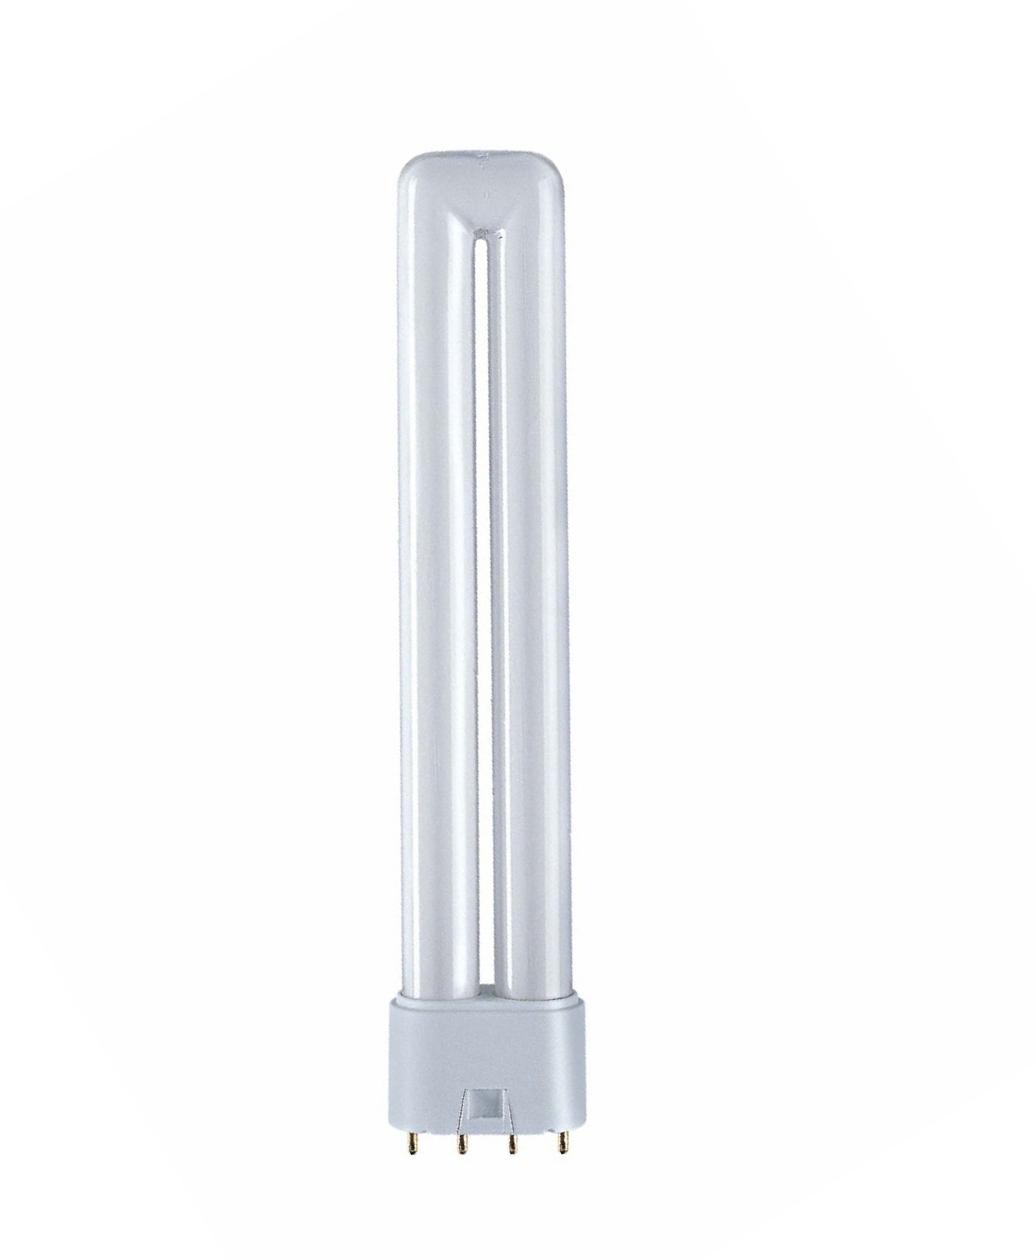 1 Stk PL-L 55W/840/4P 2G11 Kompaktleuchtstofflampe Neutralweiß LI82615428